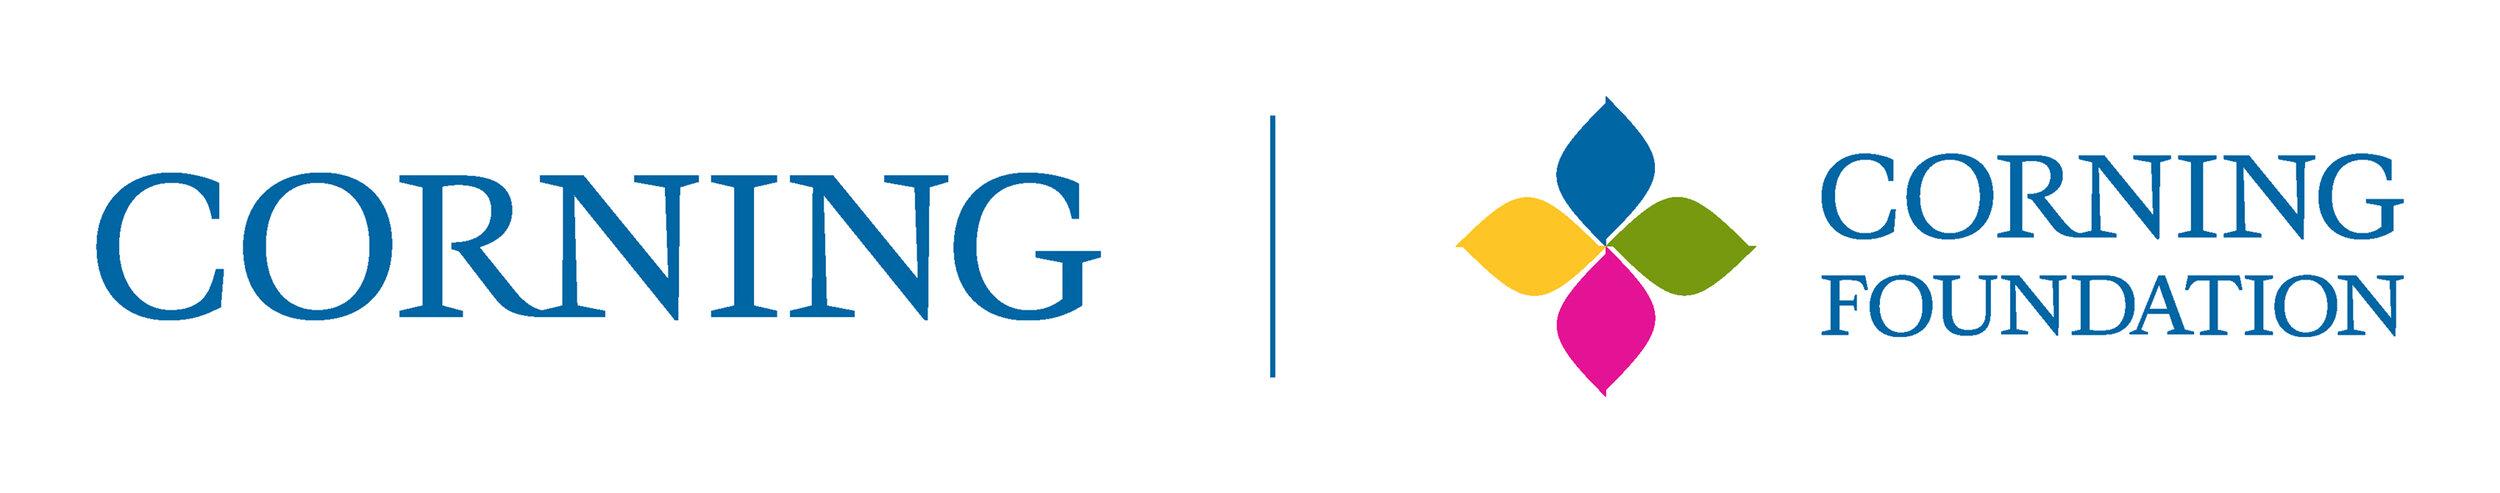 Corning_Corning_Foundation_Logos.jpg